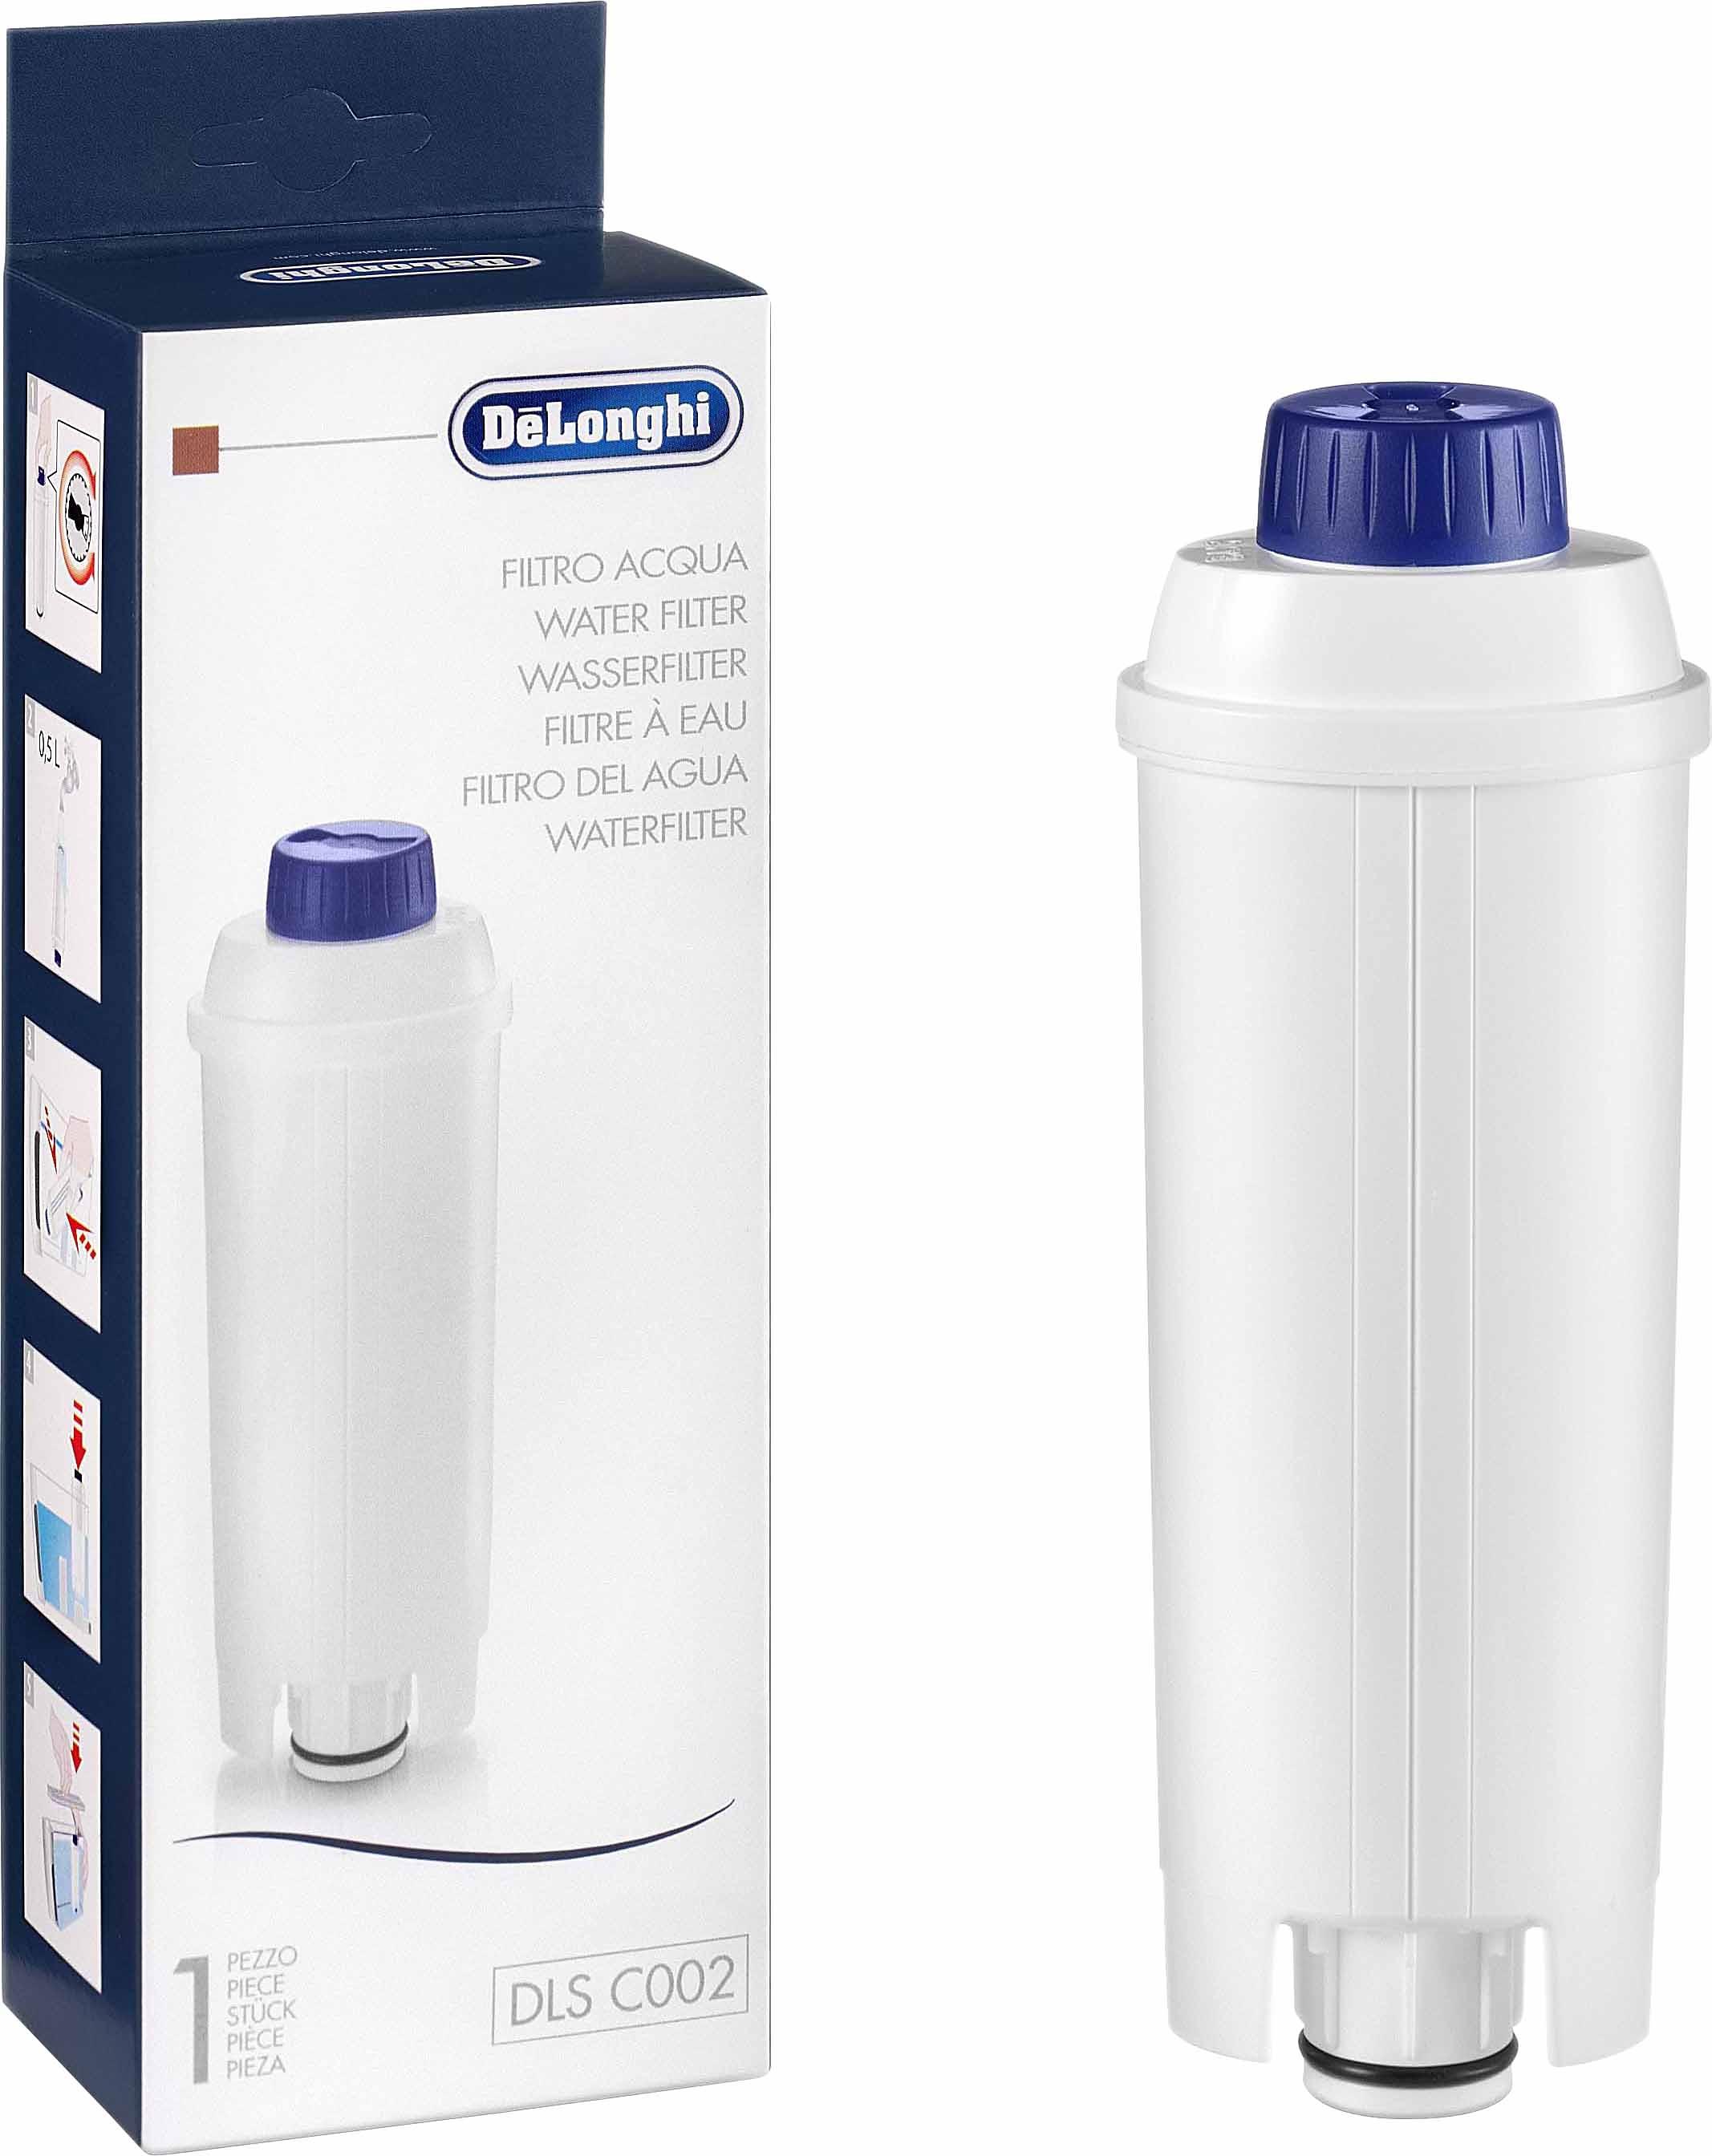 De'Longhi waterfilter DLSC002, voor alle volautomatische koffiezetapparaten met waterfilter van de'longhi - gratis ruilen op otto.nl